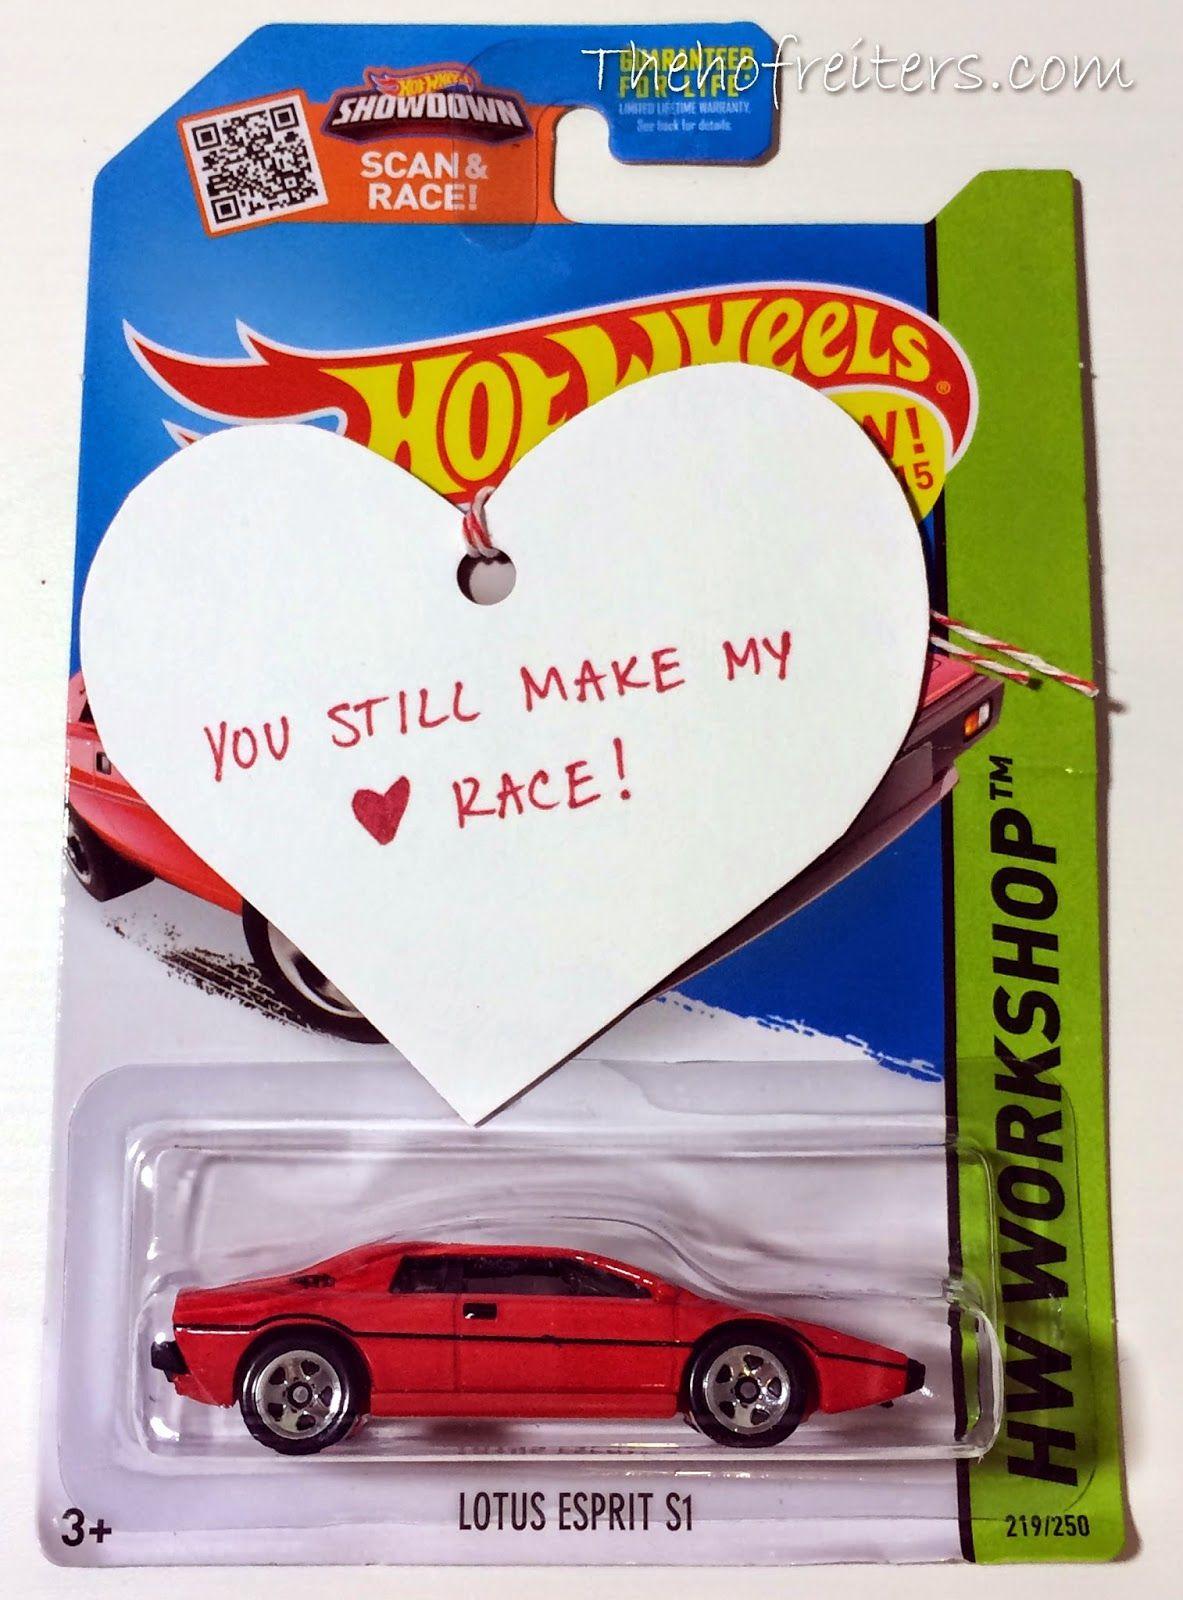 622b9520fa91 Fun Valentine s day gift for him